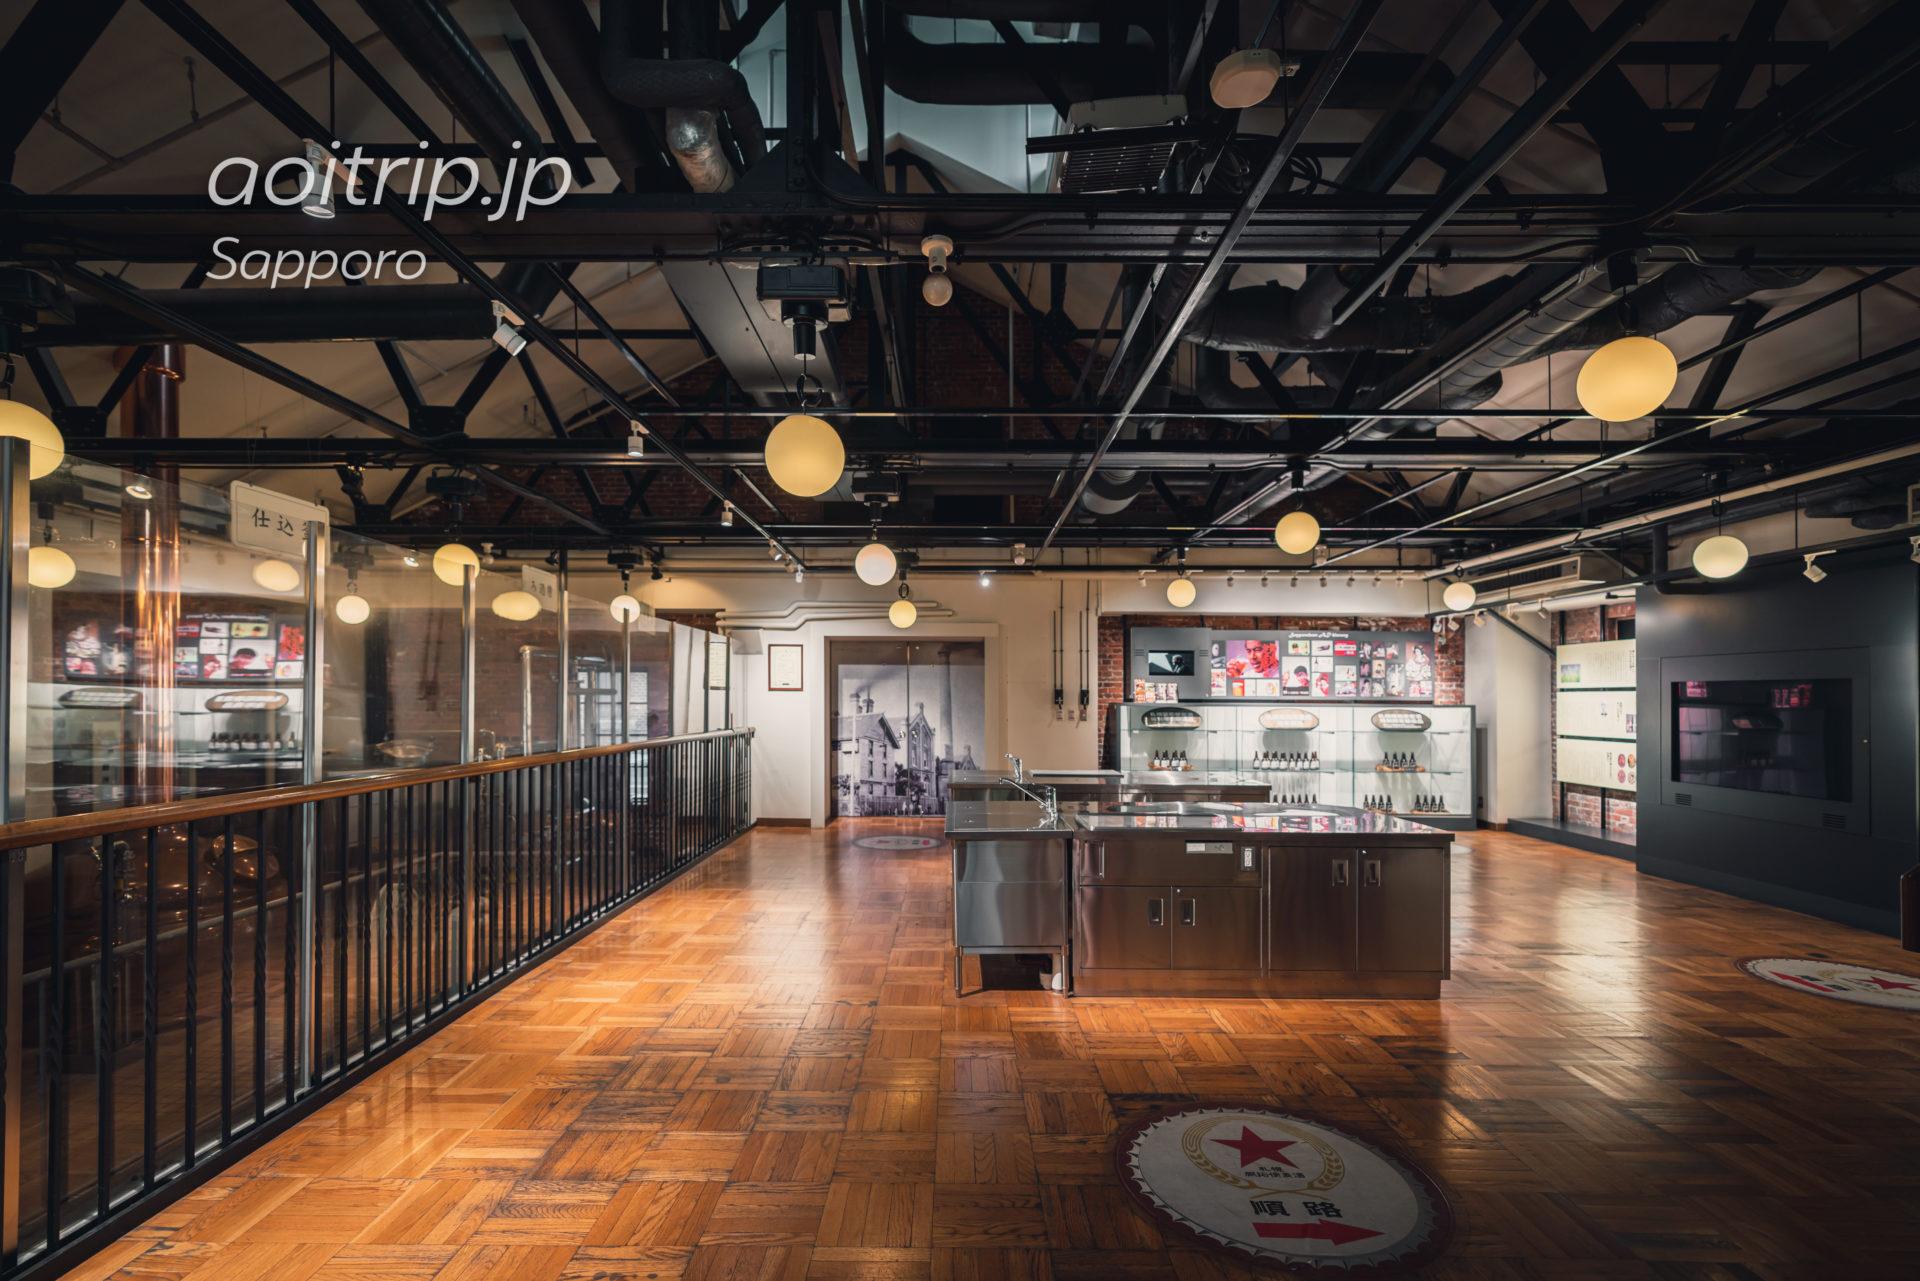 札幌の開拓使麦酒醸造所見学館(ミュージアム)